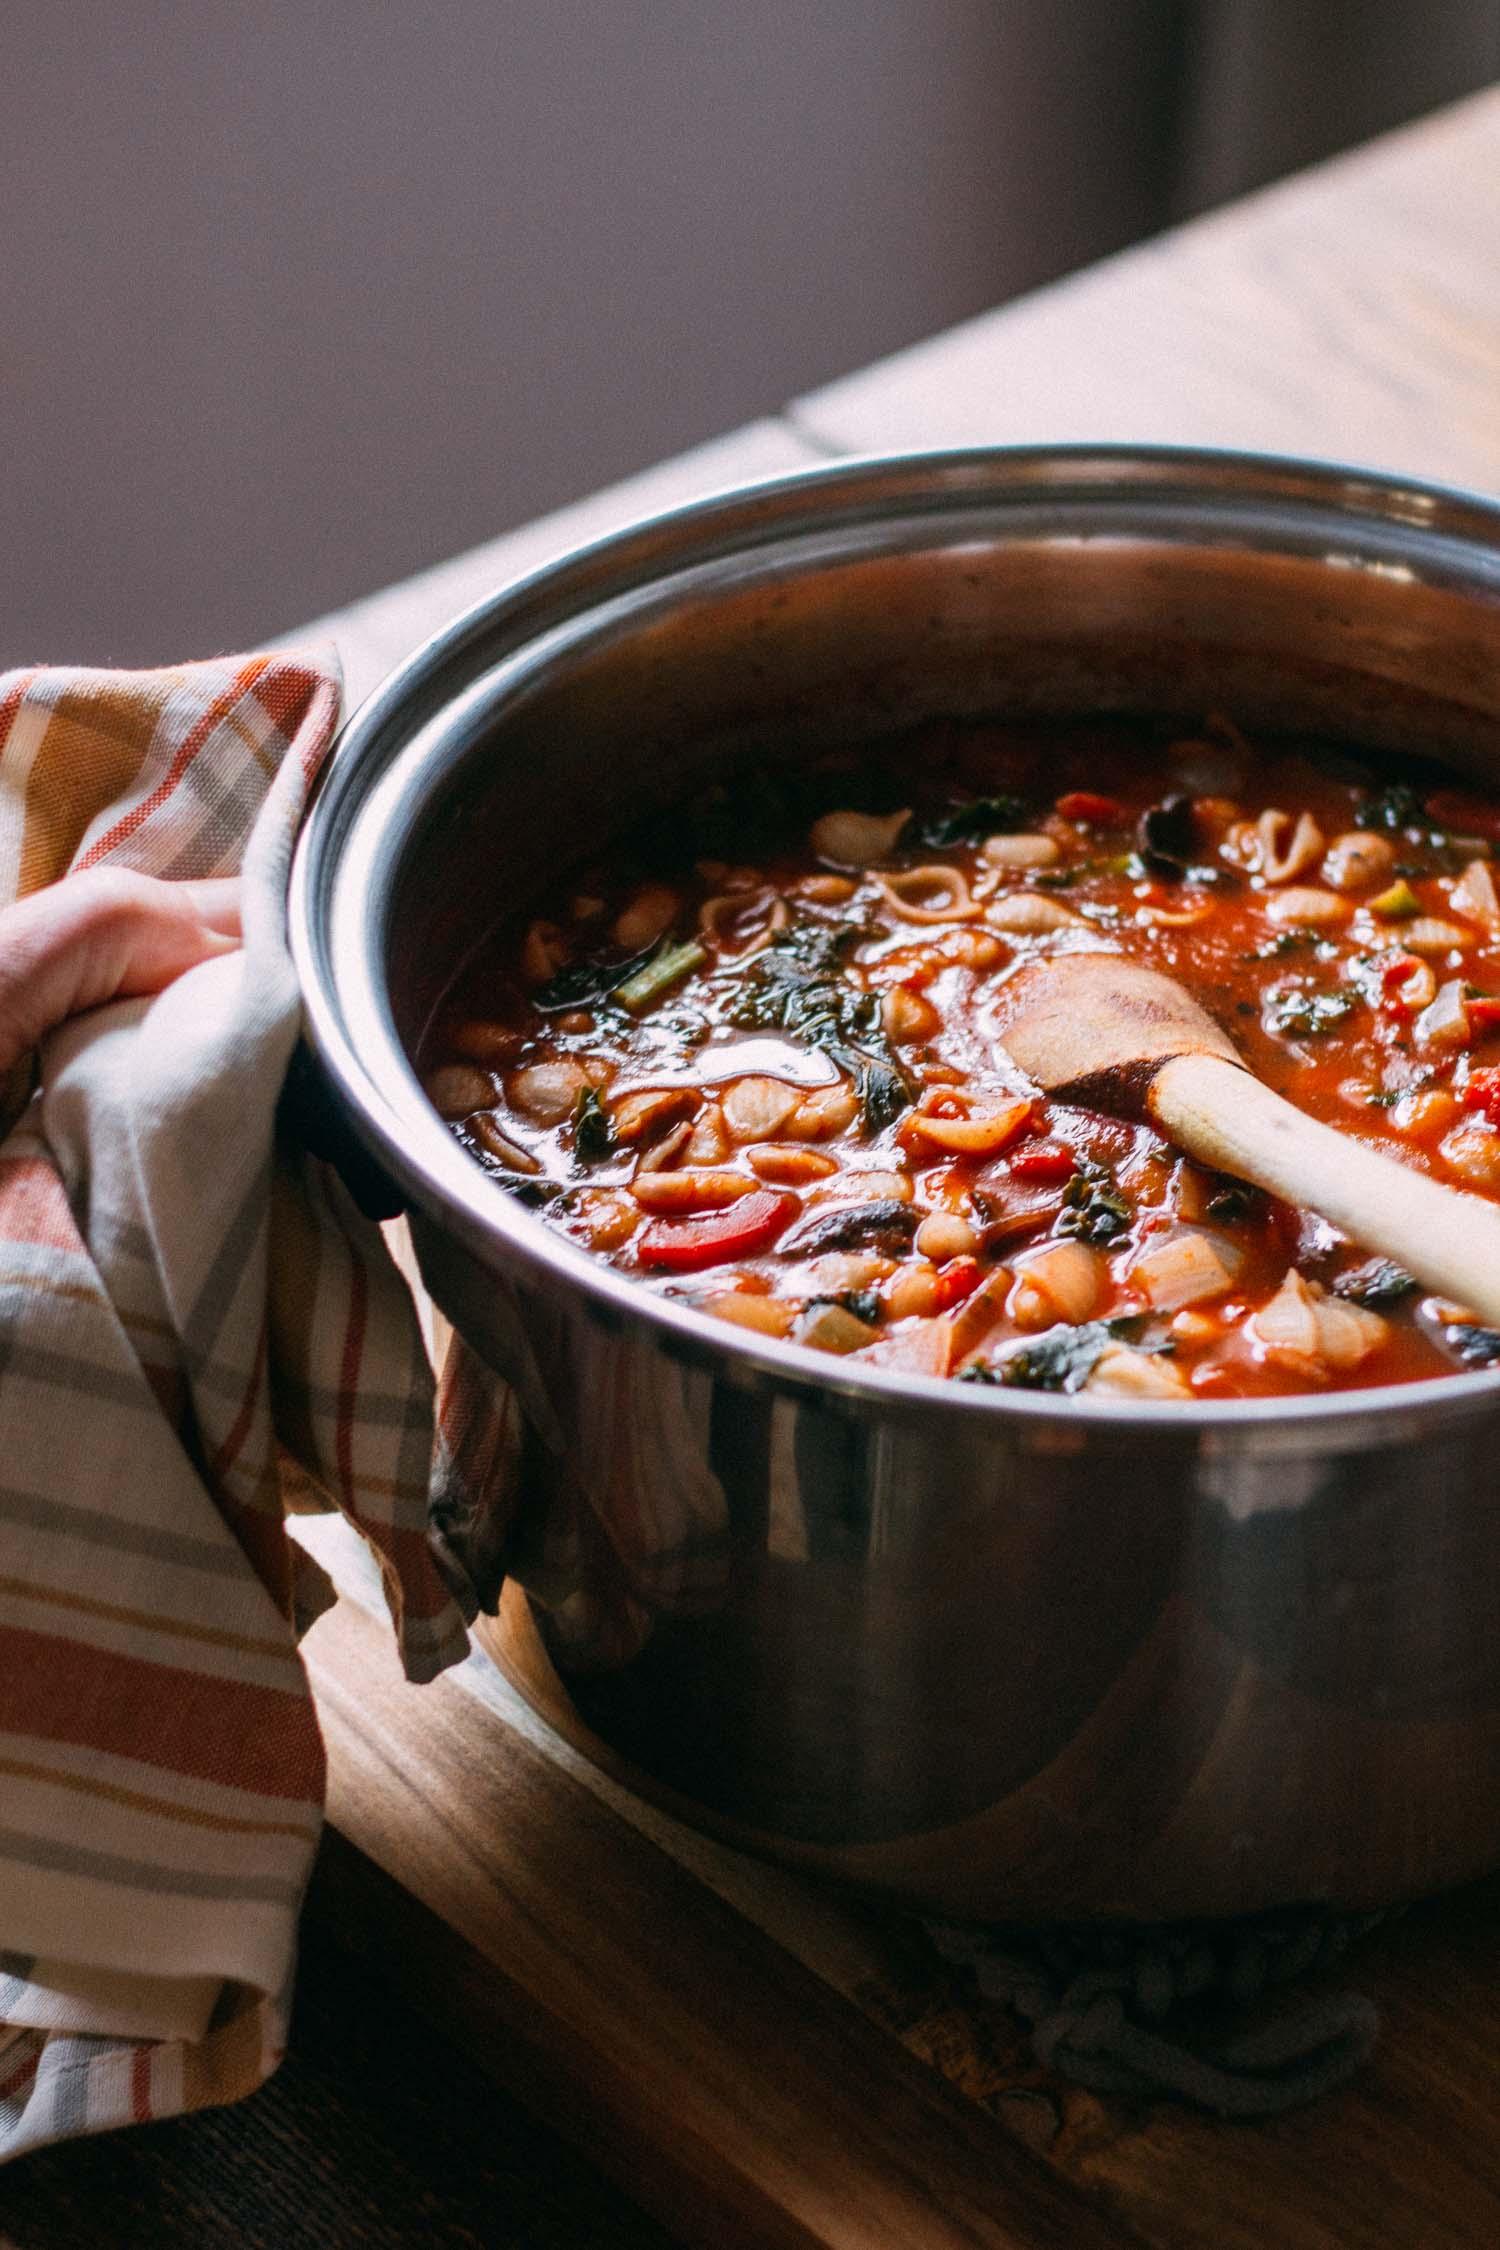 Cannellini Kale Noodle-y Soup #vegan #vegetarian #noodles #gf